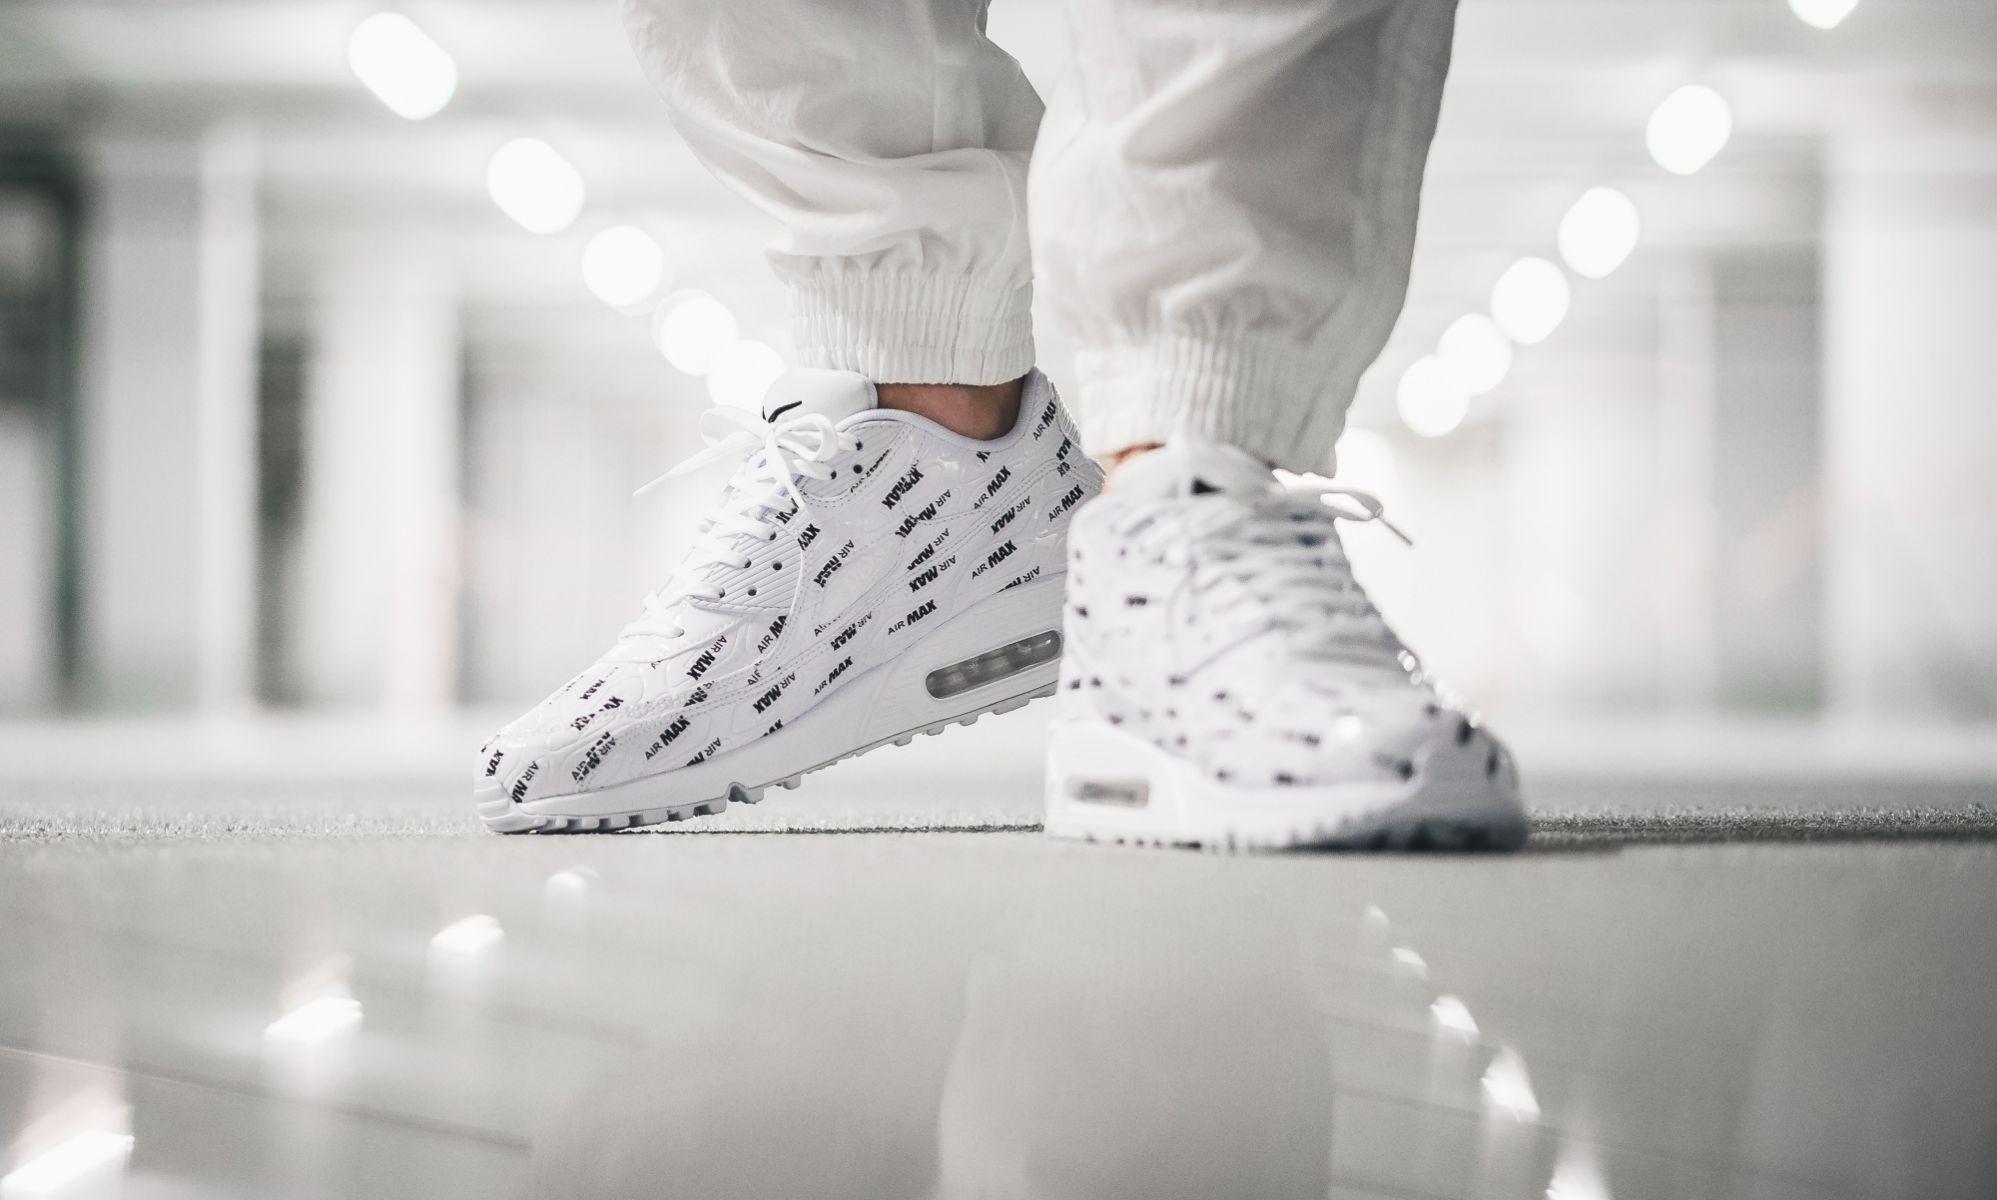 Ghim của darla cypress trên Fly Sneakers